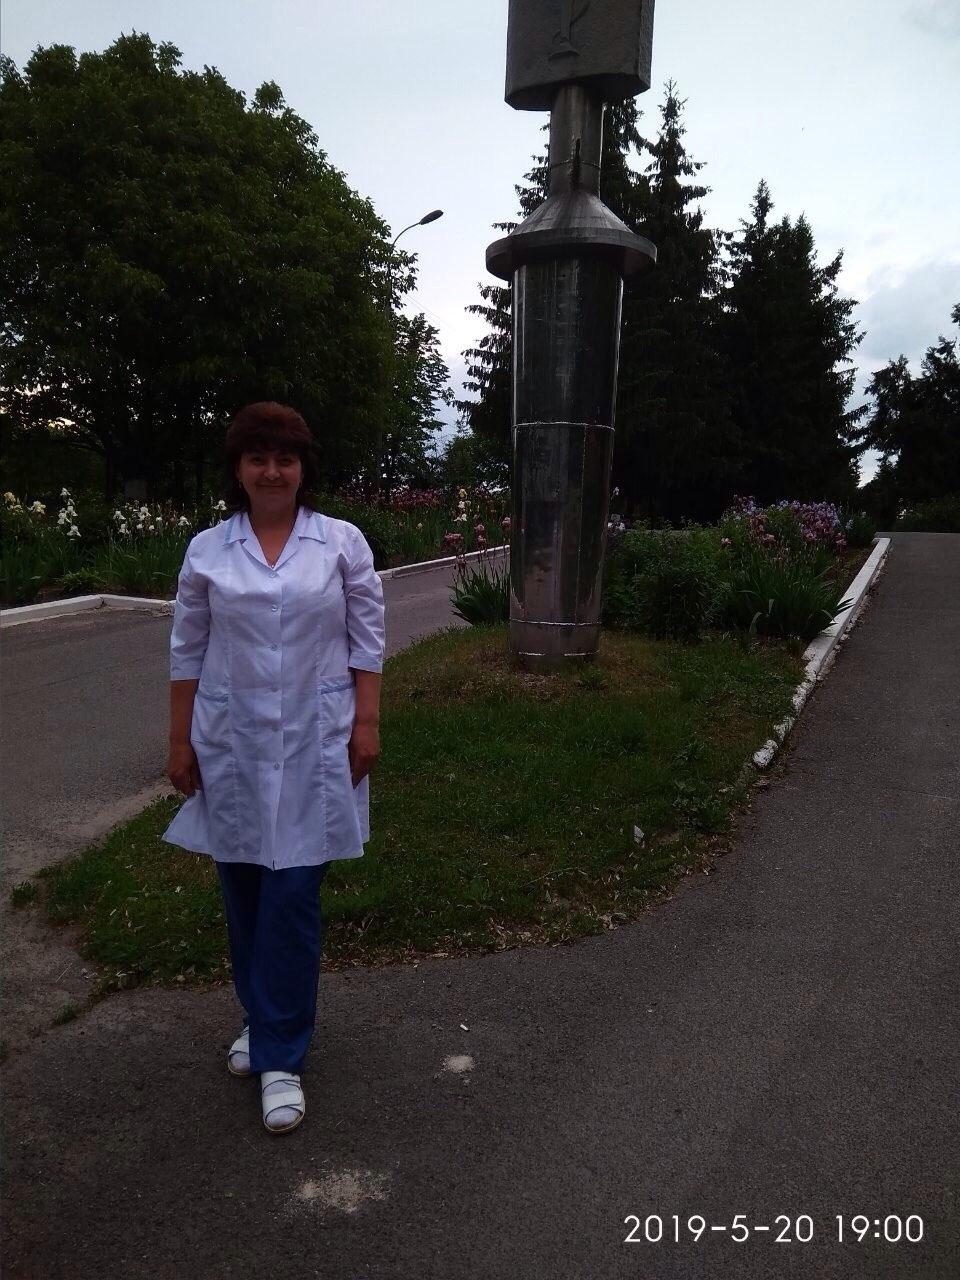 Інтерв'ю з акушеркою Ольгою Білан: про особливіть роботи в смт, оптимальний вік породіль та межу партнерські пологи - фото №6